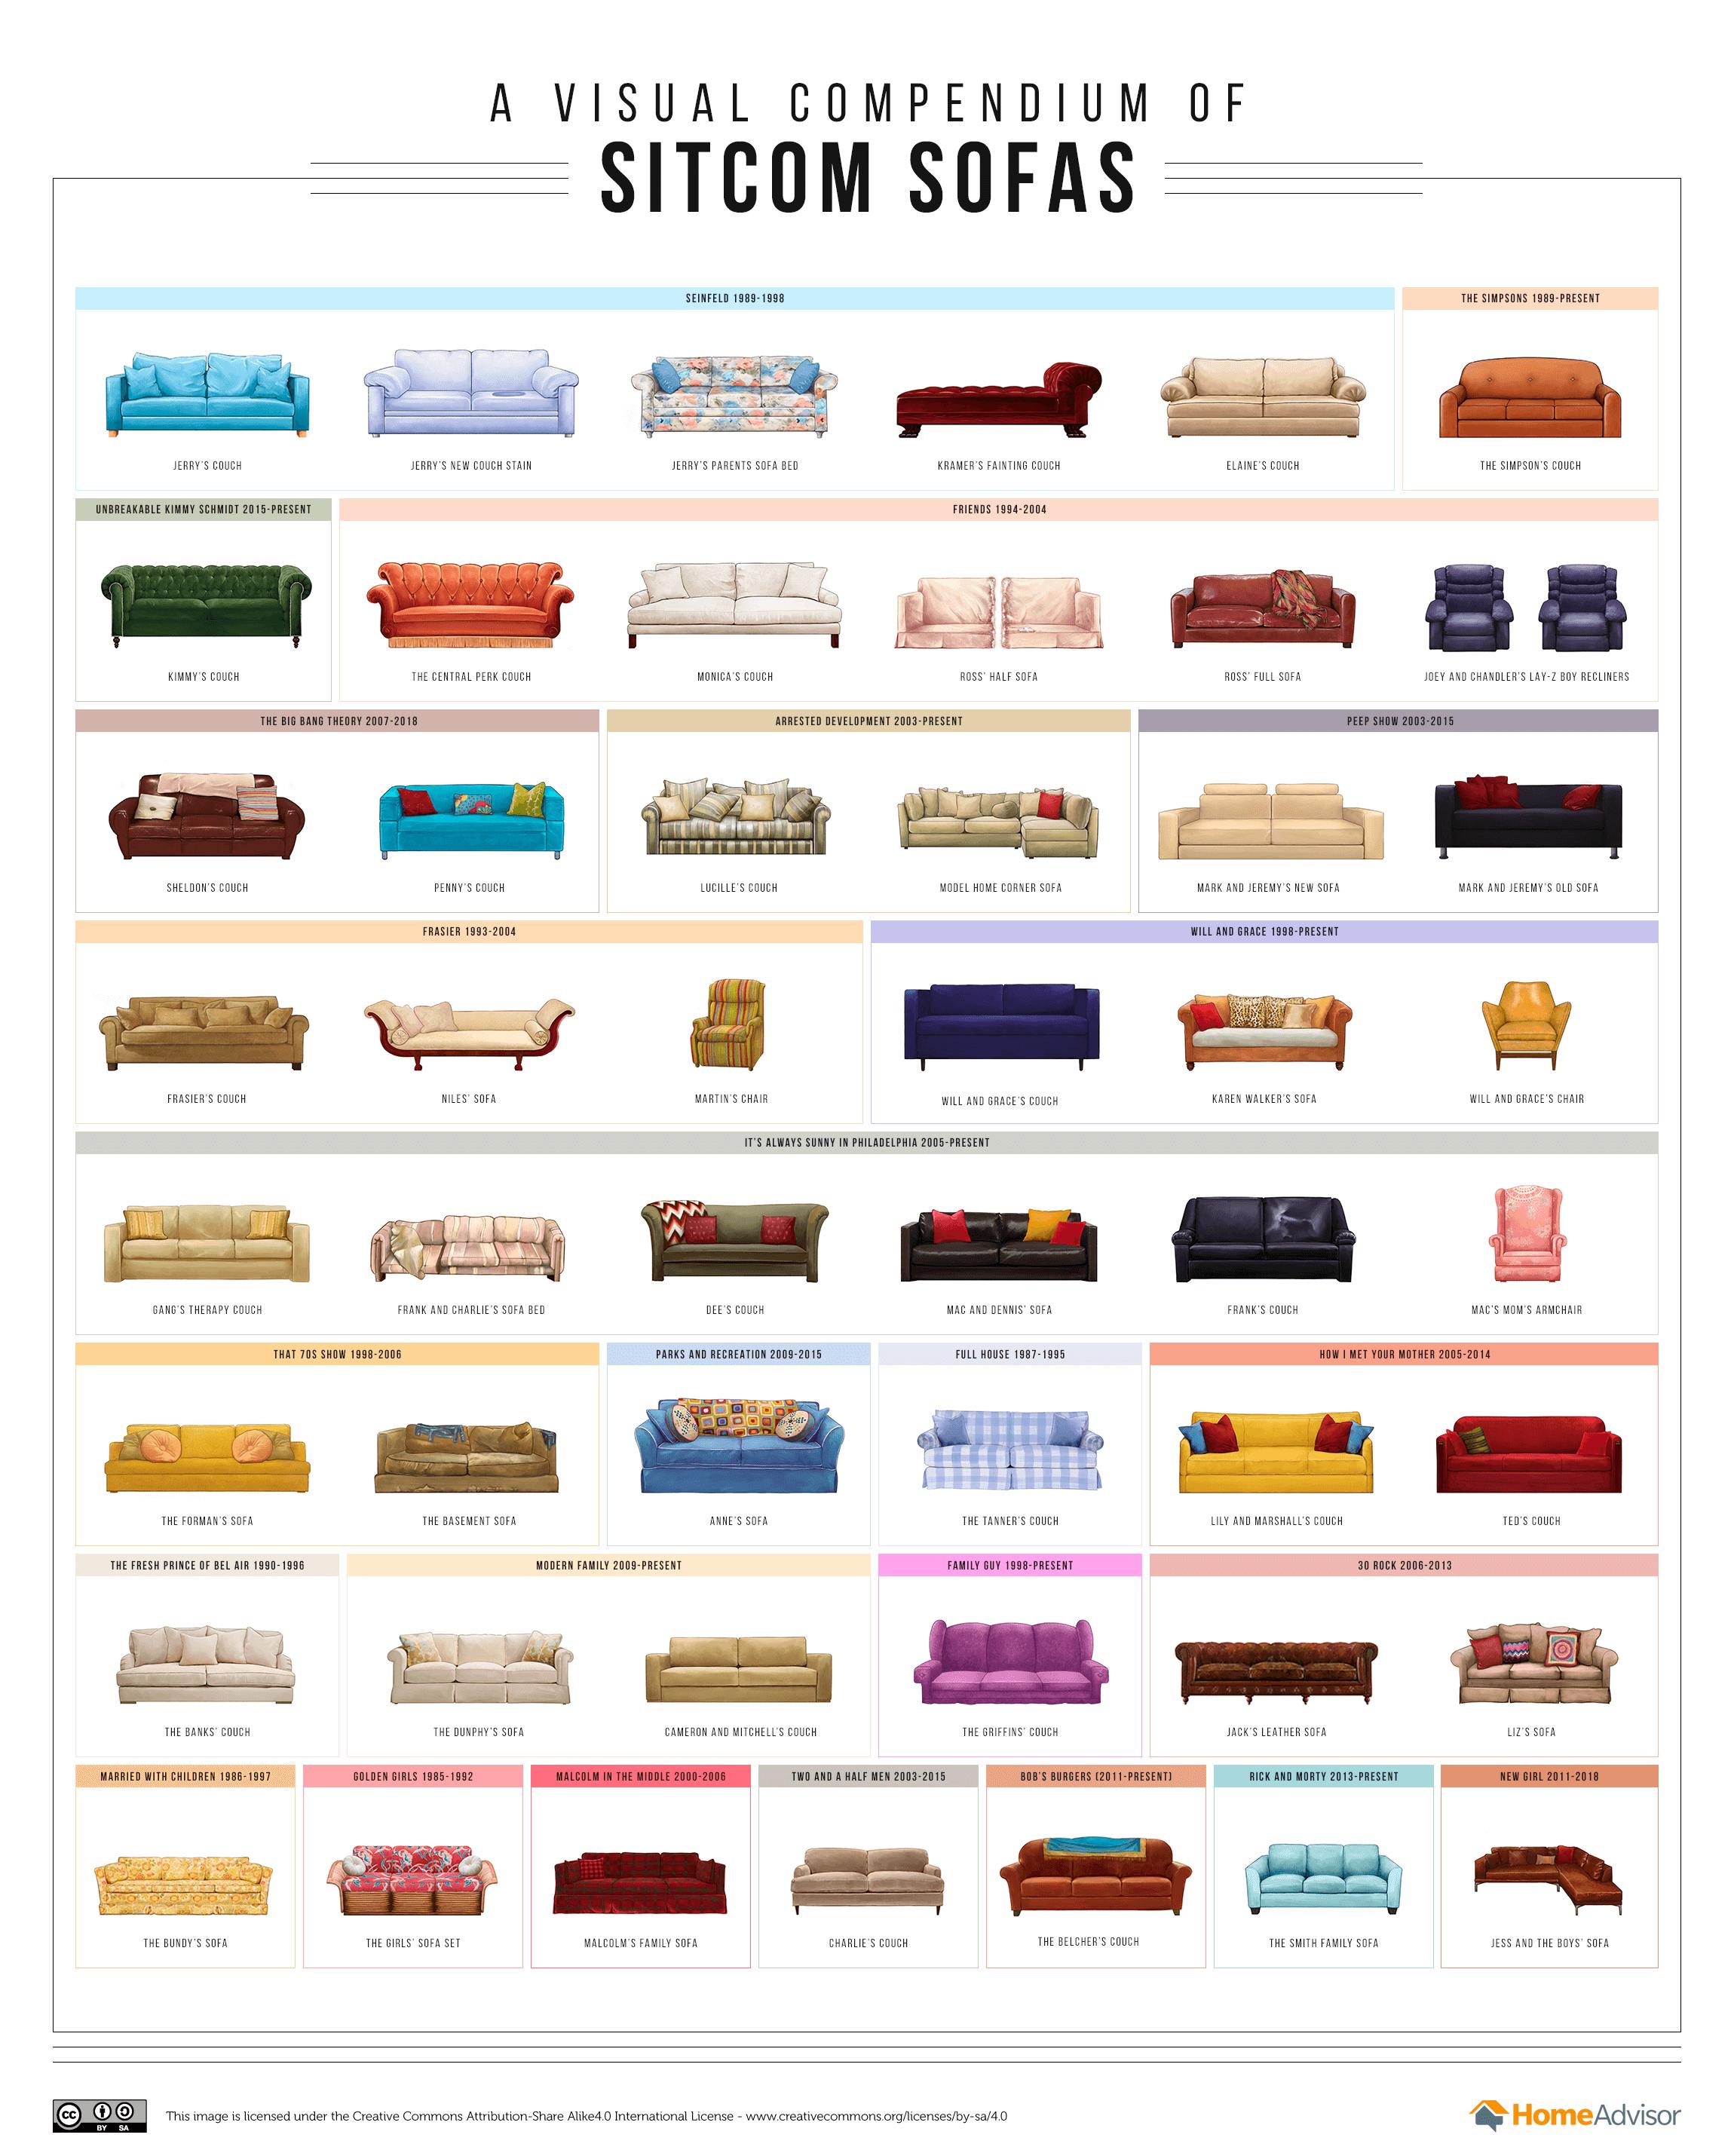 Ringkasan Visual Sofa Dari Berbagai Serial Komedi Situasi Berbagai Zaman - Home Advisor - Infografis - BeliSewaRumah